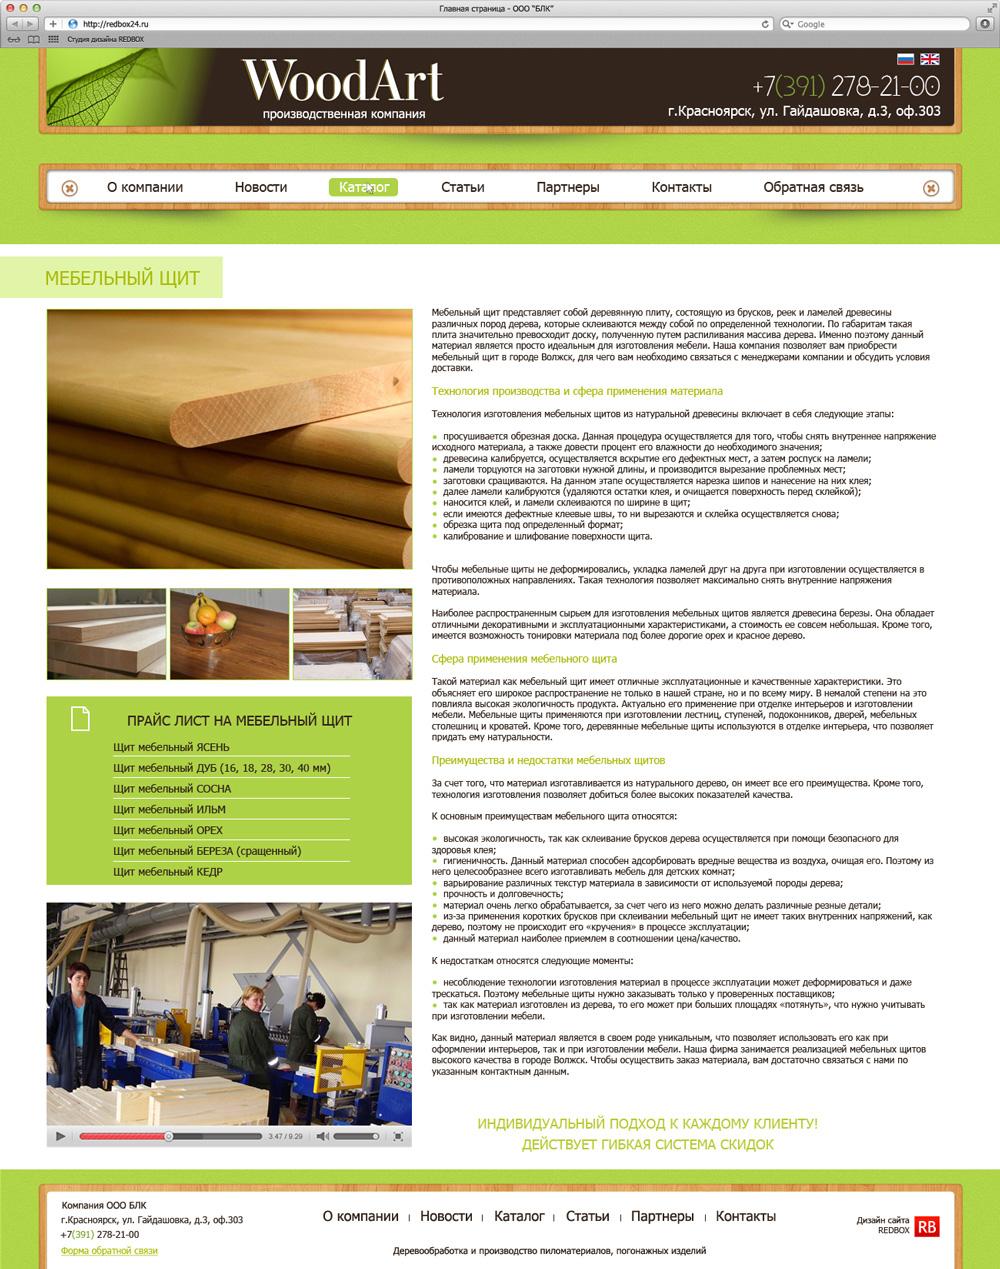 Страница сайта карточка товара для производственной компании